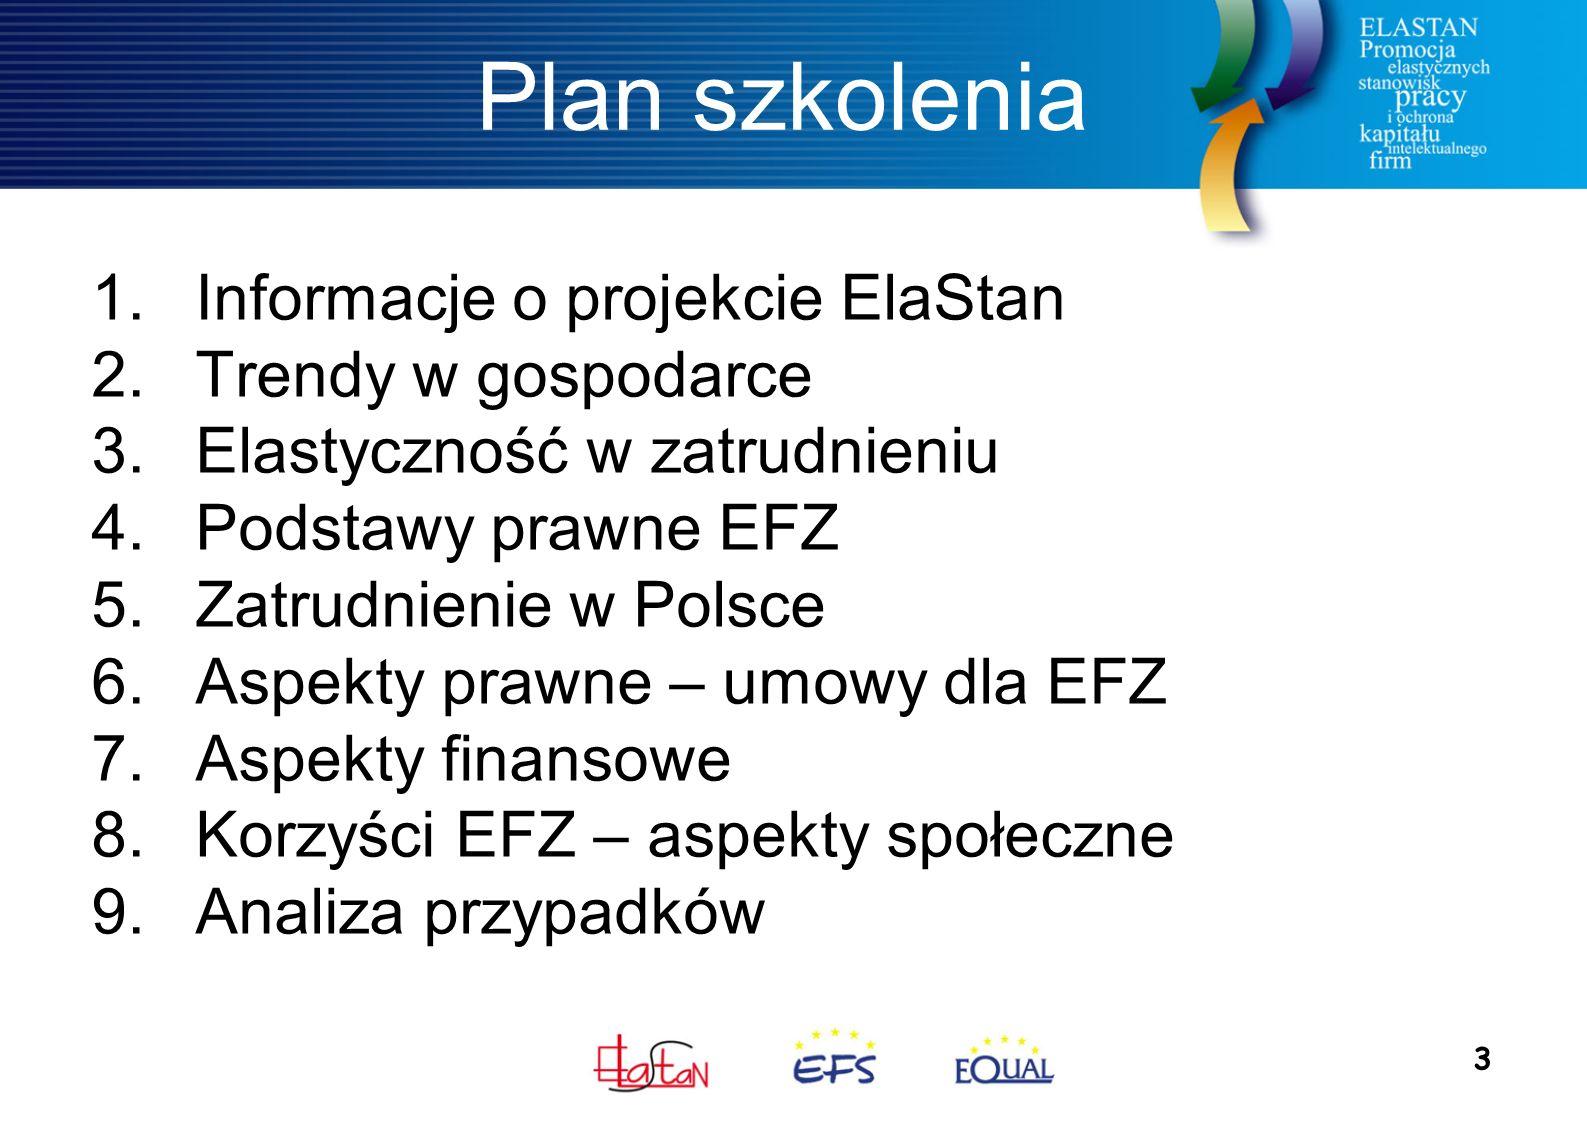 3 Plan szkolenia 1.Informacje o projekcie ElaStan 2.Trendy w gospodarce 3.Elastyczność w zatrudnieniu 4.Podstawy prawne EFZ 5.Zatrudnienie w Polsce 6.Aspekty prawne – umowy dla EFZ 7.Aspekty finansowe 8.Korzyści EFZ – aspekty społeczne 9.Analiza przypadków